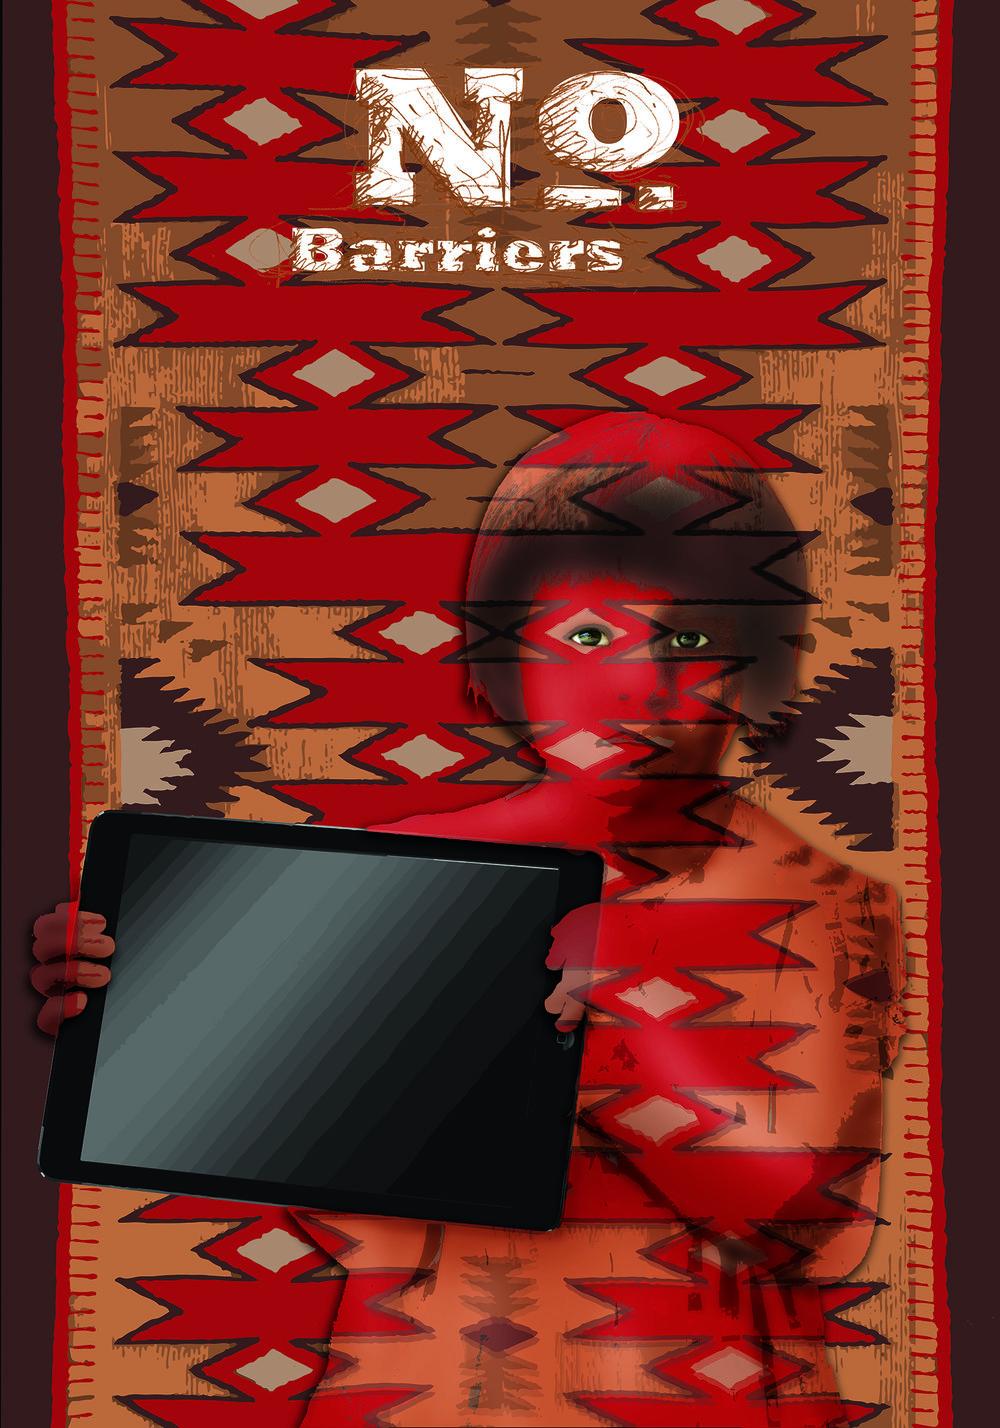 Eric Boelts NoBarriersNavajo Poster.jpg